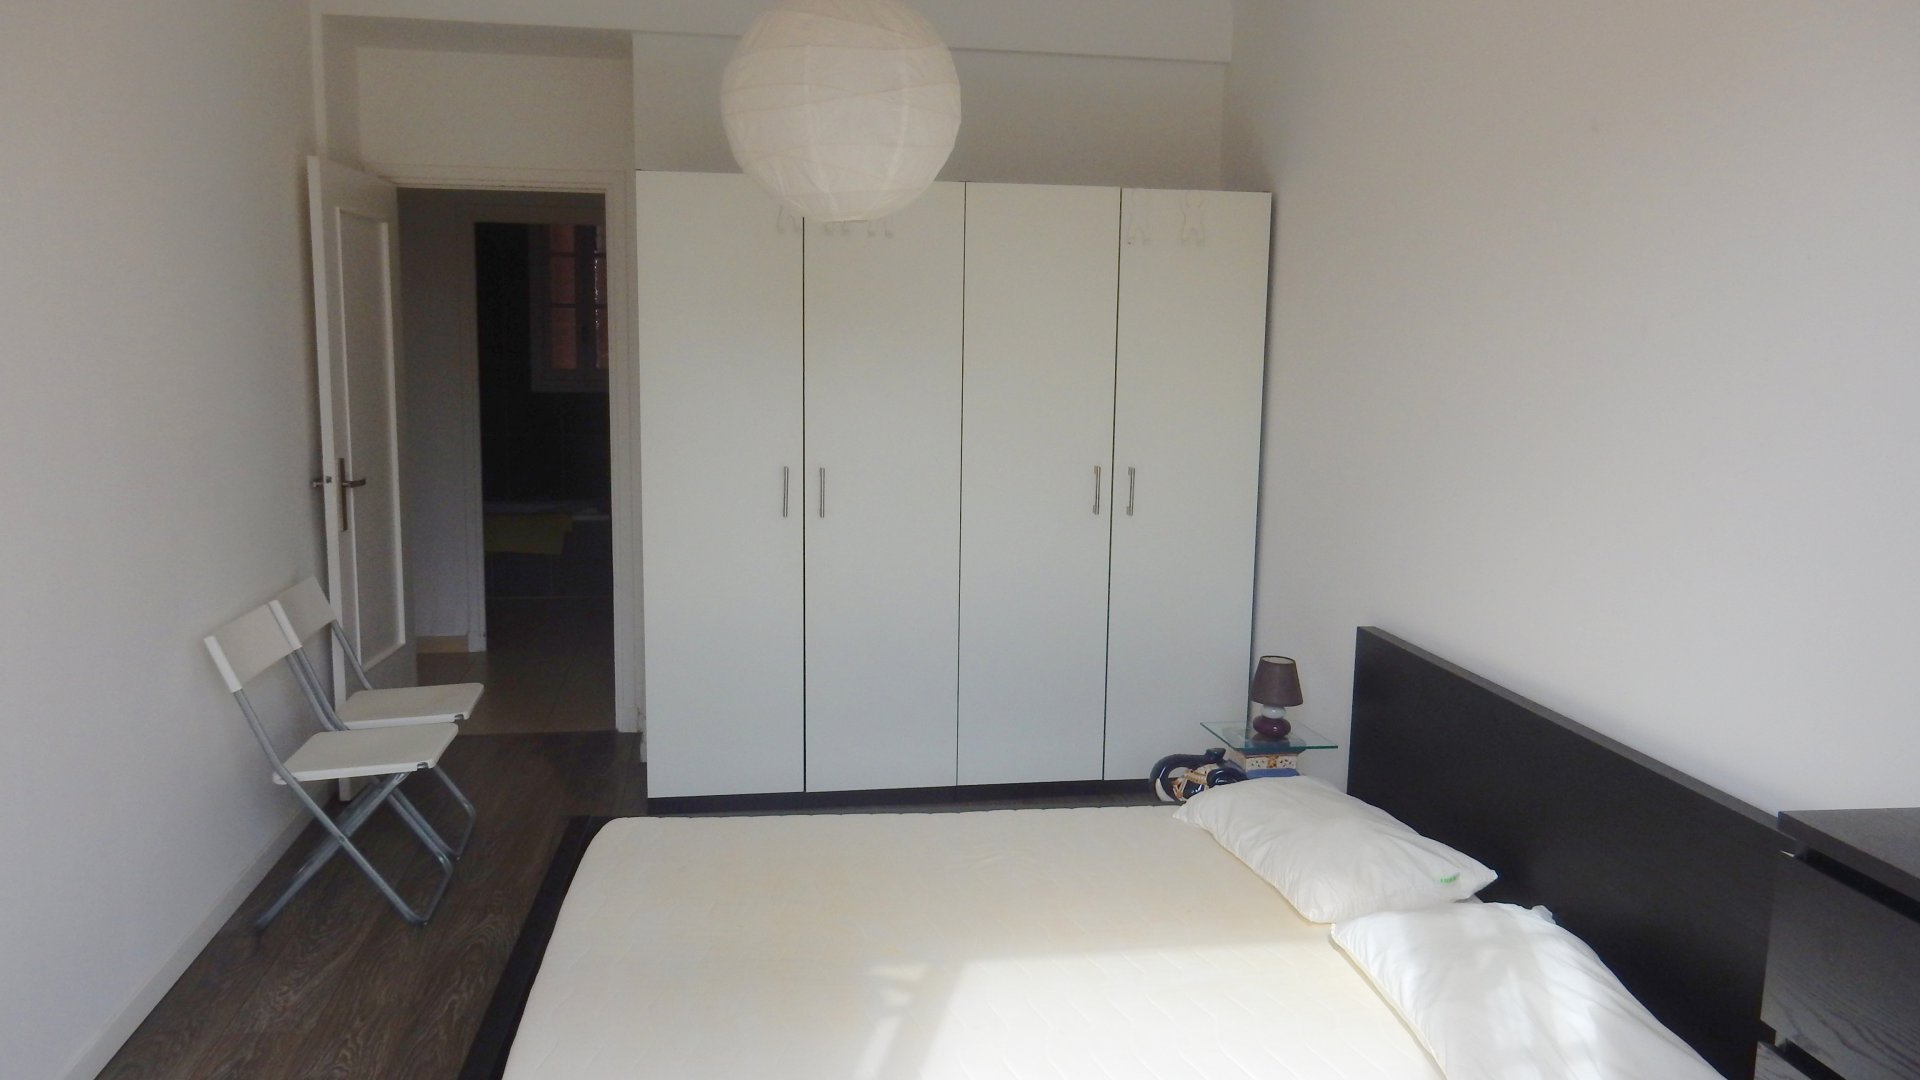 Location Nice, 2 pièces meublé 54.03m²  situé quartier Saint Philippe